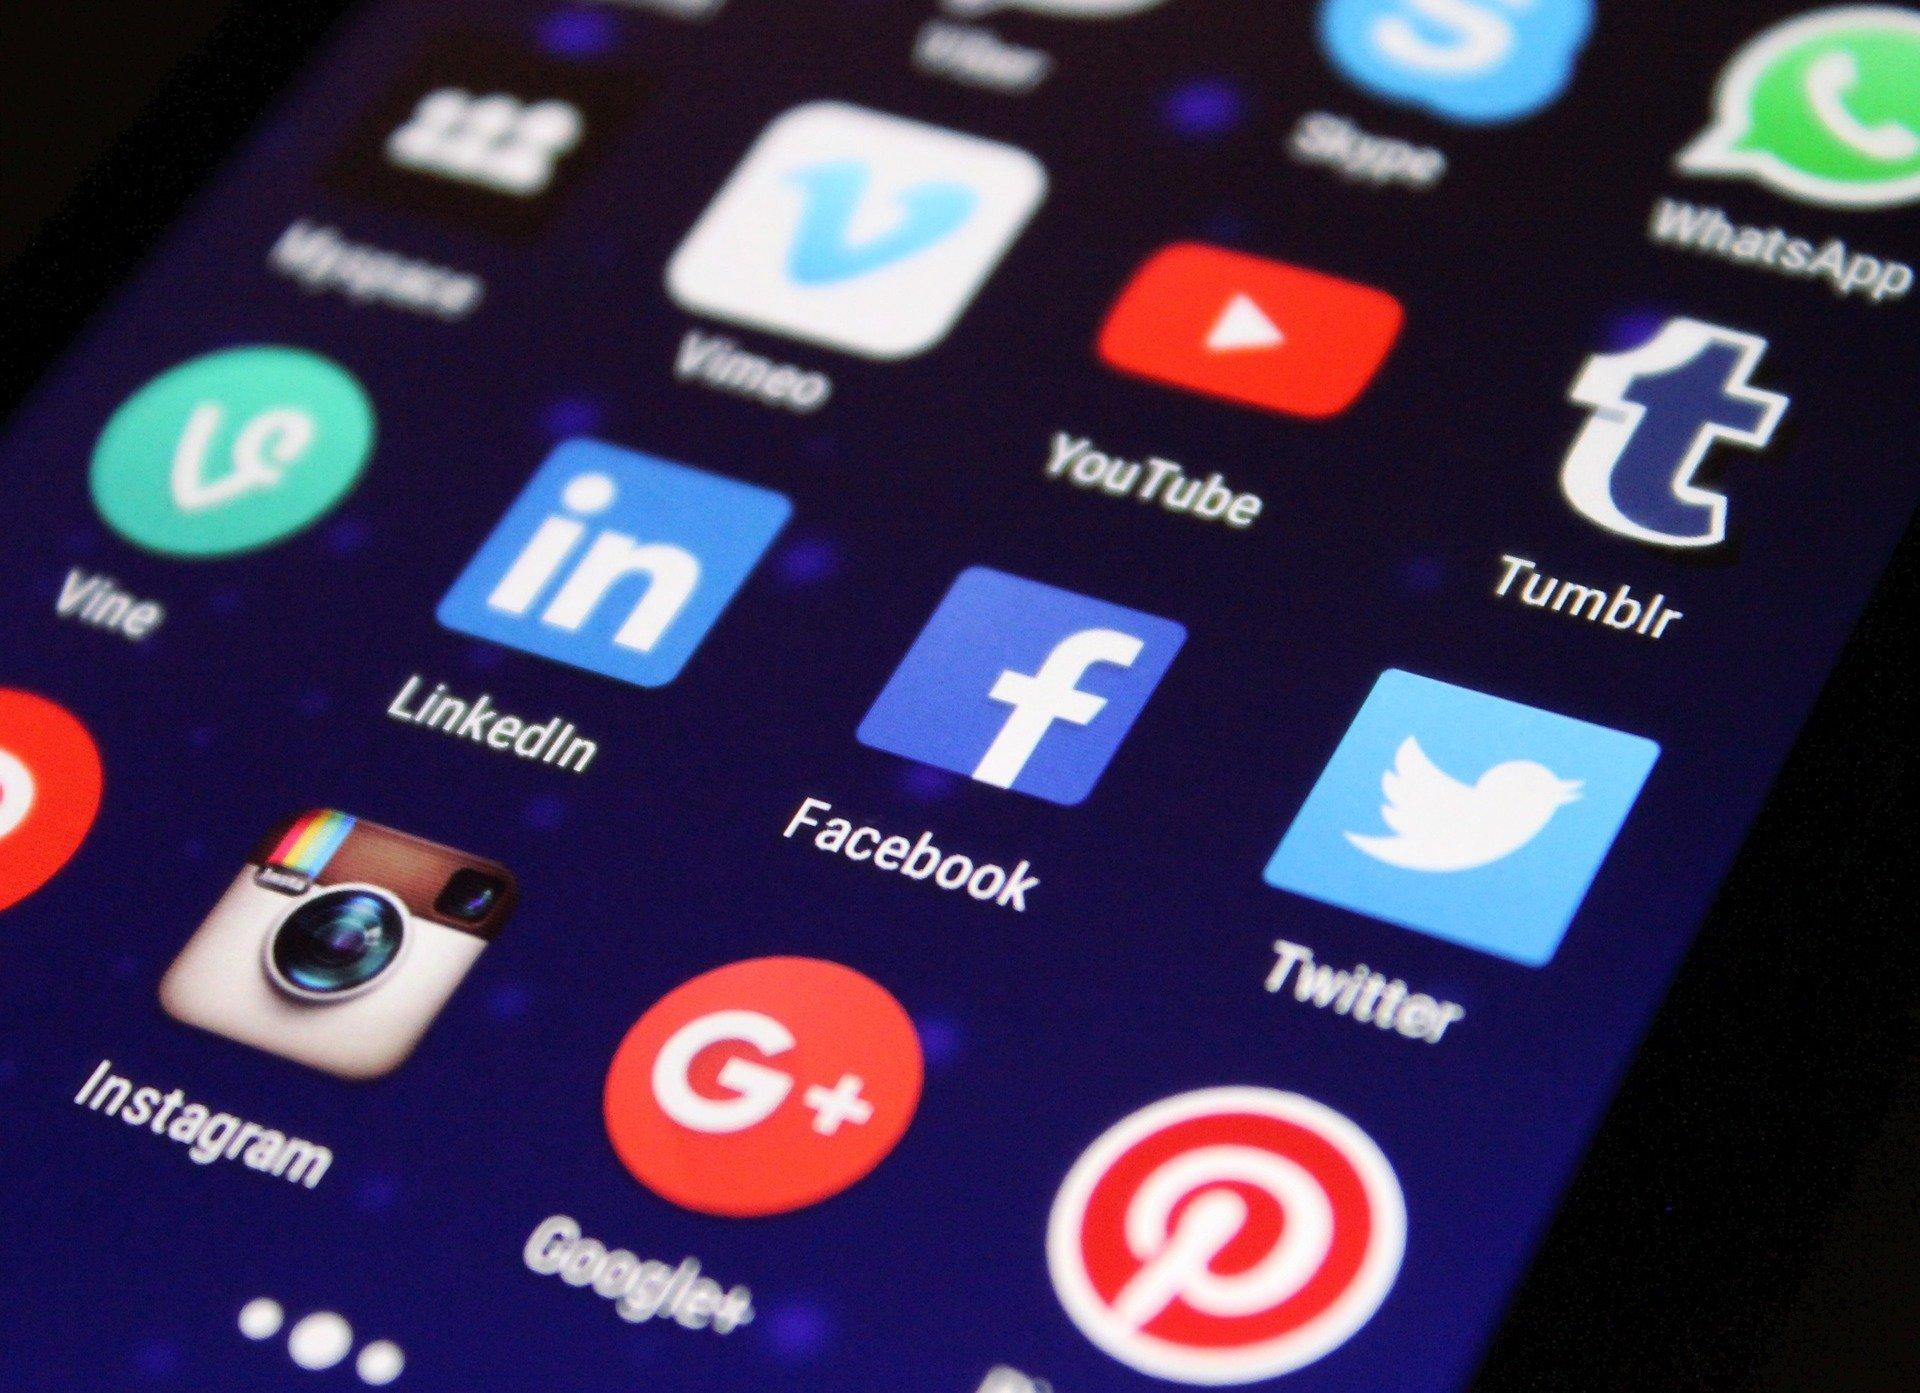 Eltern, Kinder verbringen mehr Zeit damit darüber zu diskutieren, wie der Einsatz mobiler Technologie